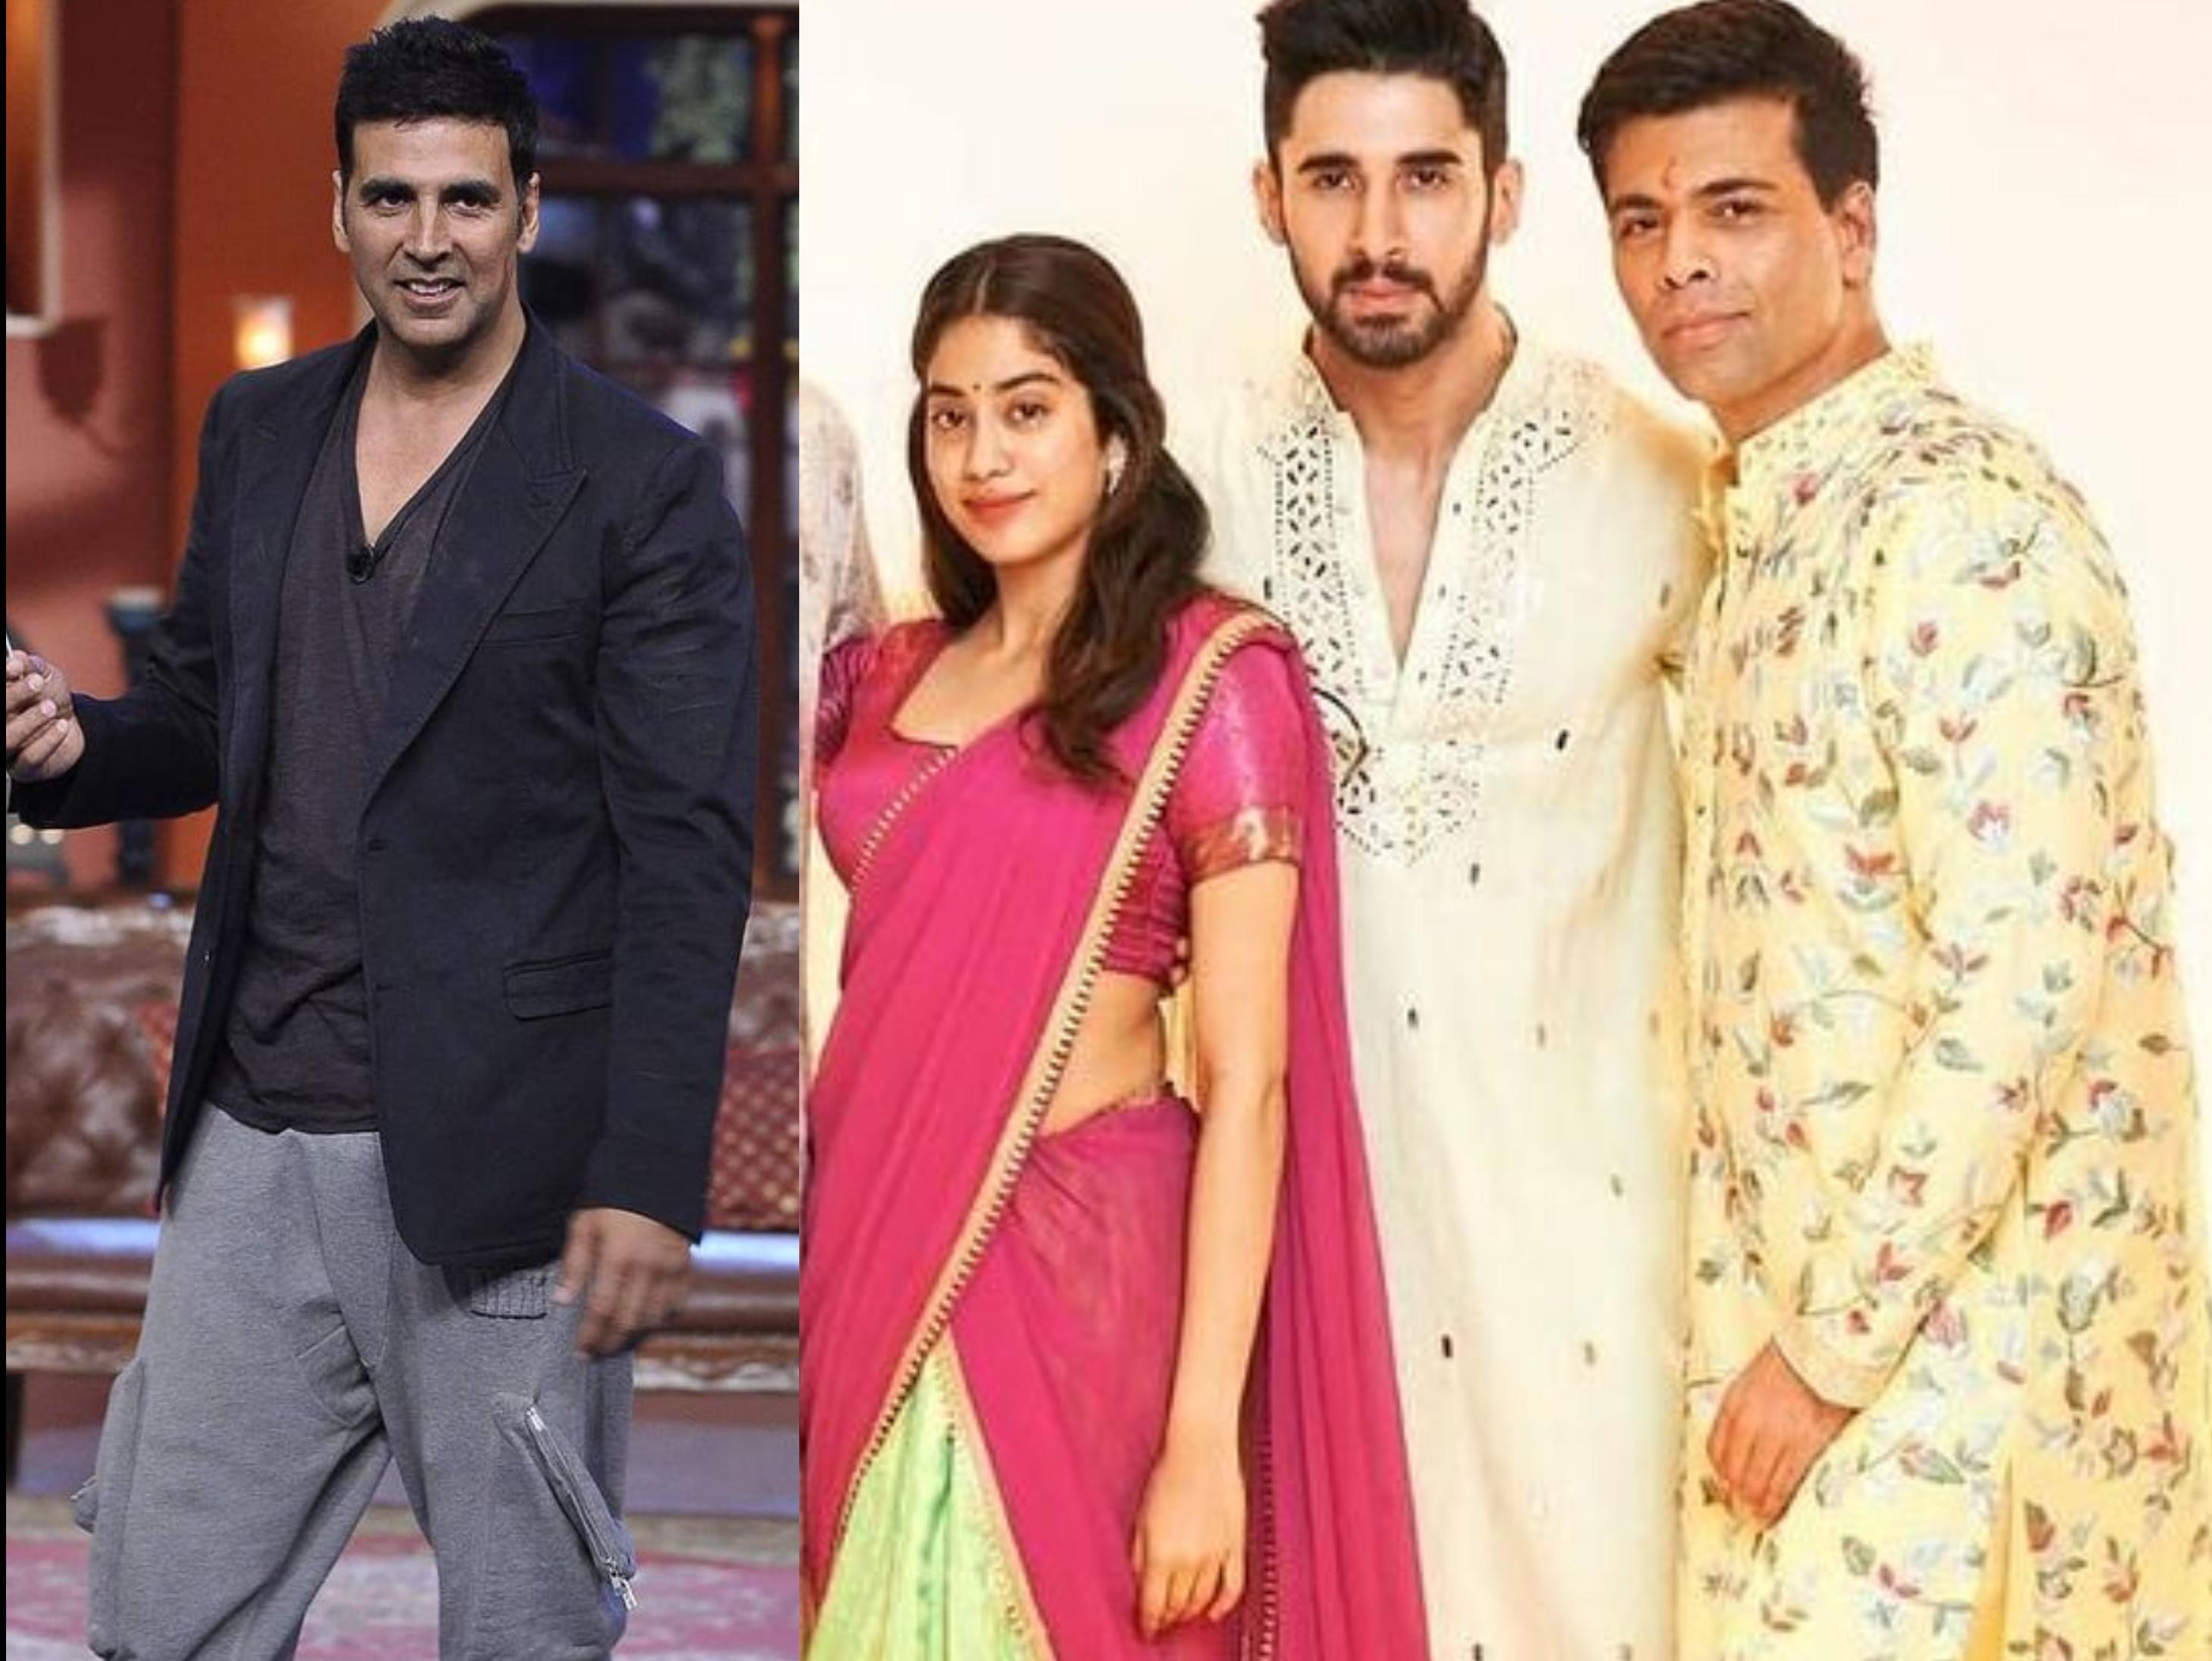 ट्रेड पंडितों का दावा- अक्षय कुमार ने कार्तिक आर्यन को रिप्लेस किया,मगर सिनेमा के जानकारों को हैरानी|बॉलीवुड,Bollywood - Dainik Bhaskar